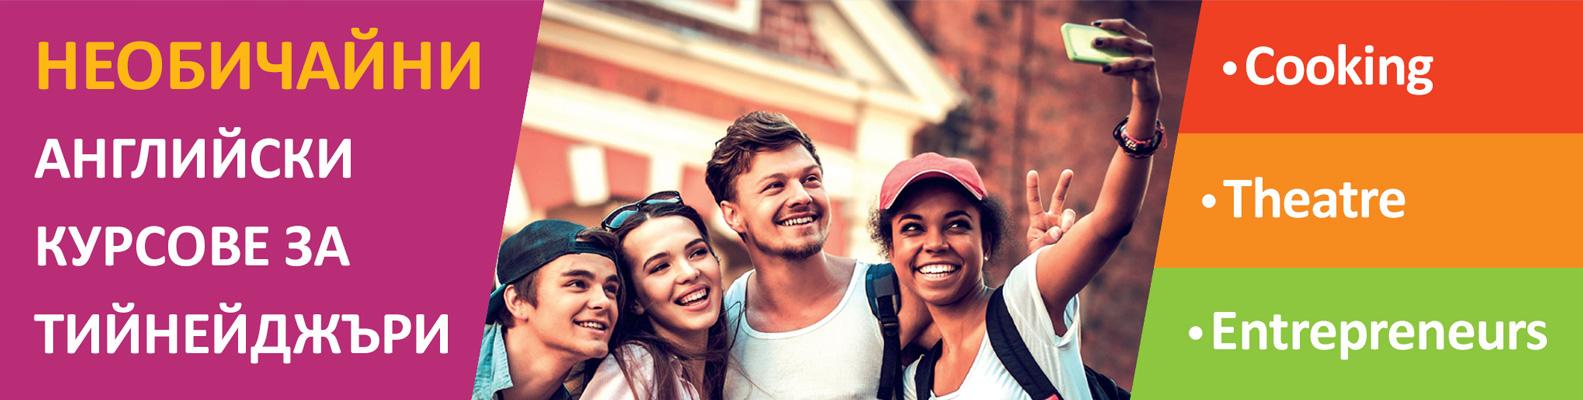 Необичайни курсове по английски за тийнейджъри.